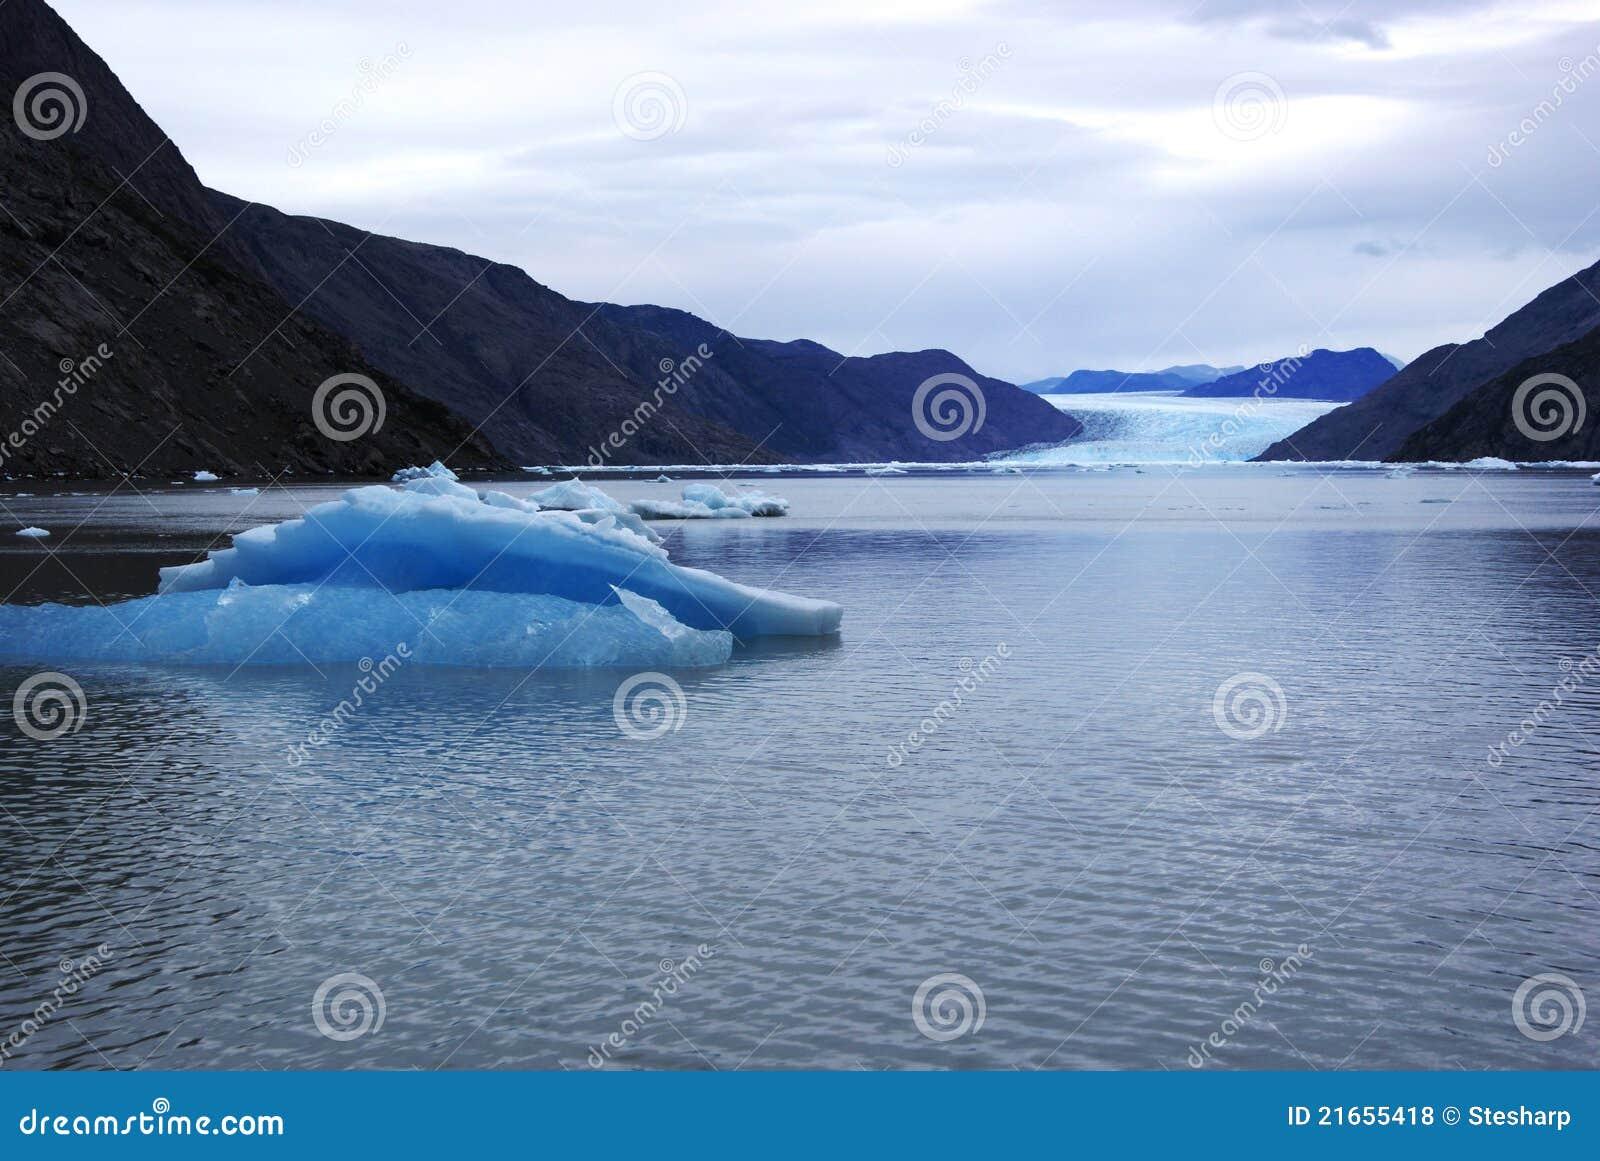 Ijsberg van een Gletsjer van Groenland